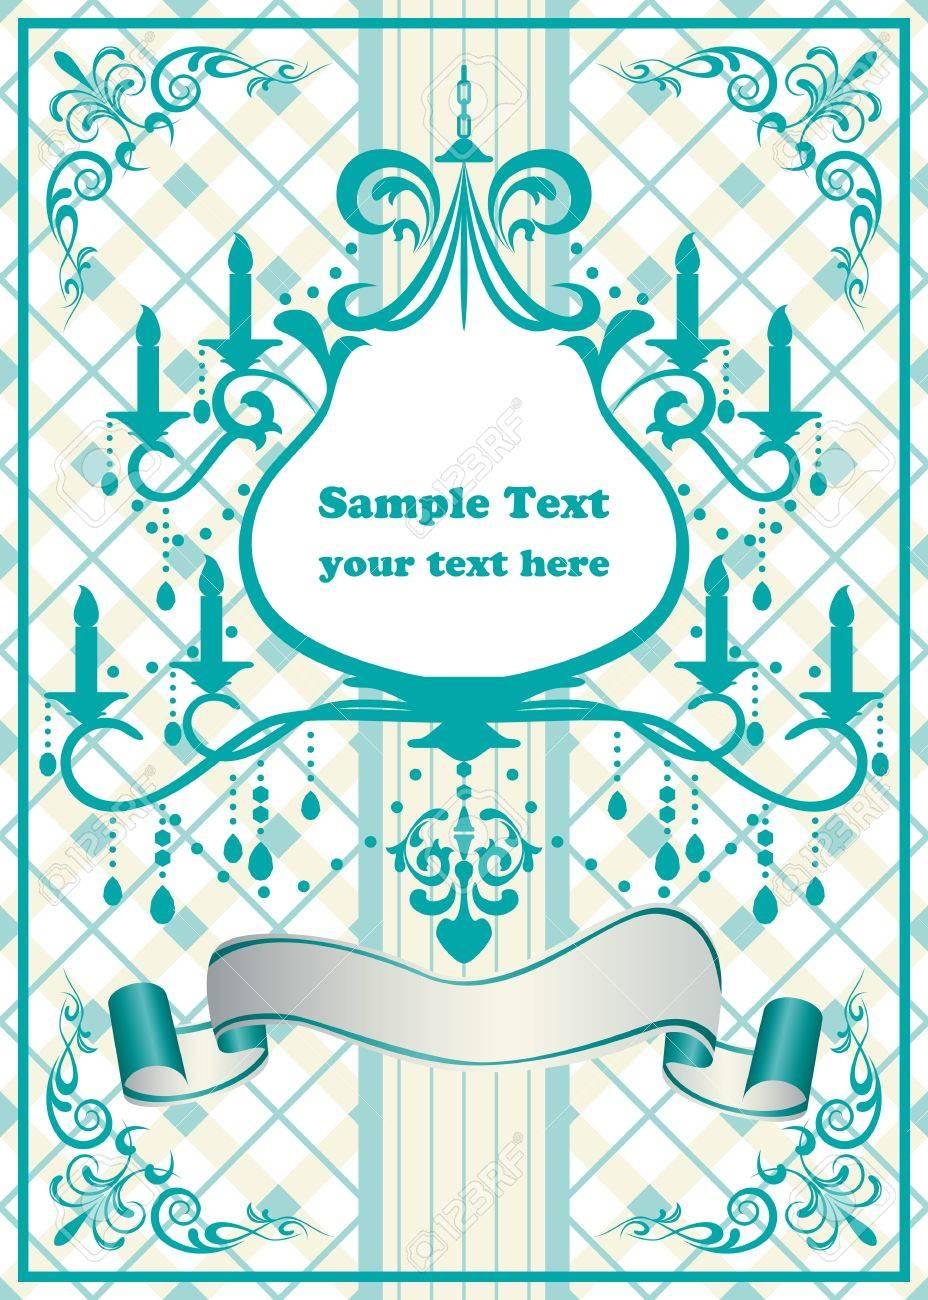 Chandelier blue frame. Stock Vector - 9550608